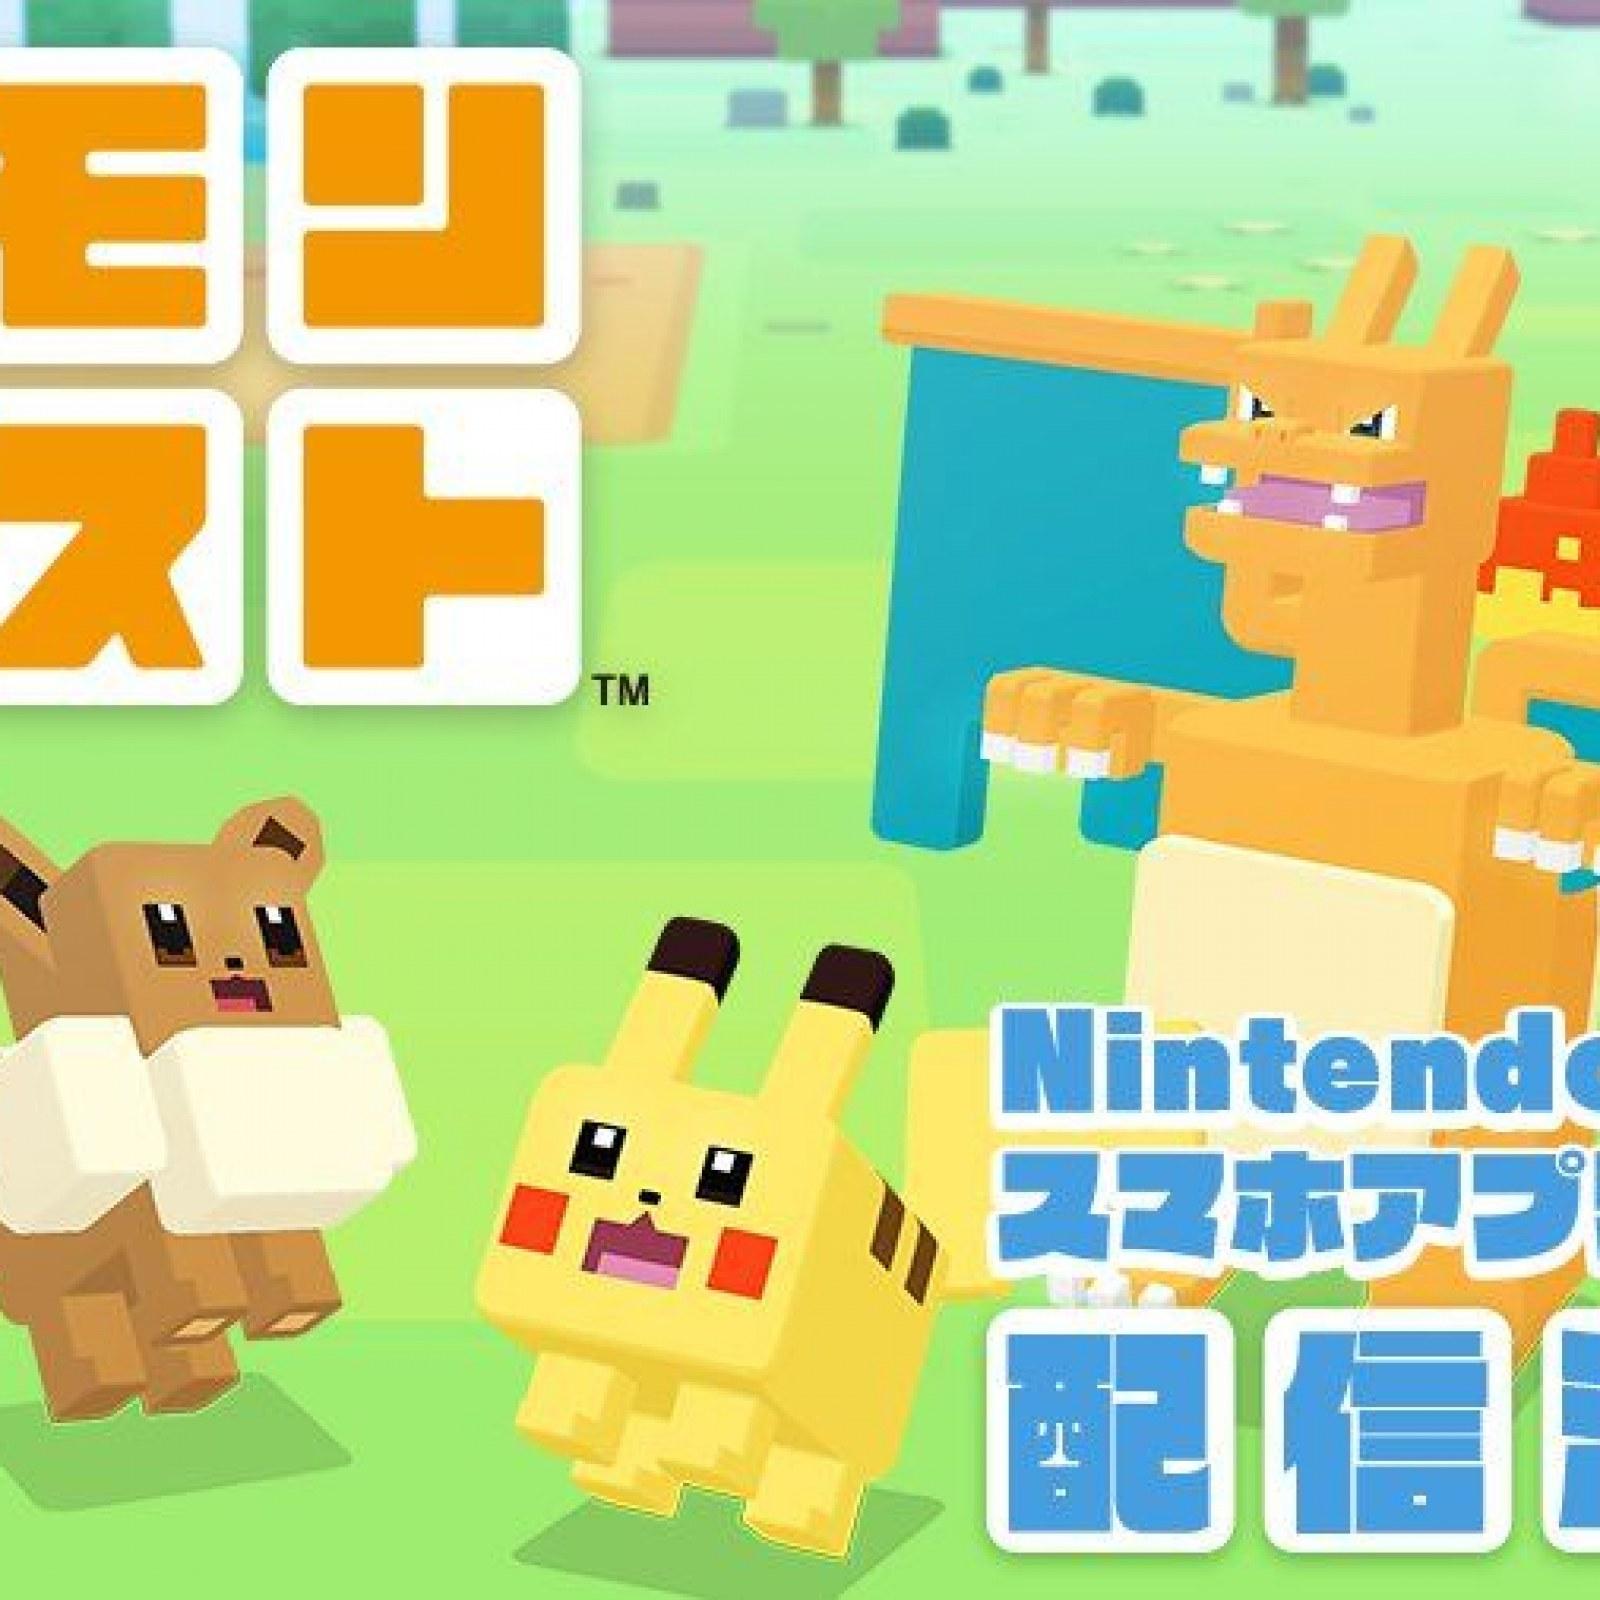 Pokémon Let's Go' and 'Pokémon Quest' Announced for Nintendo